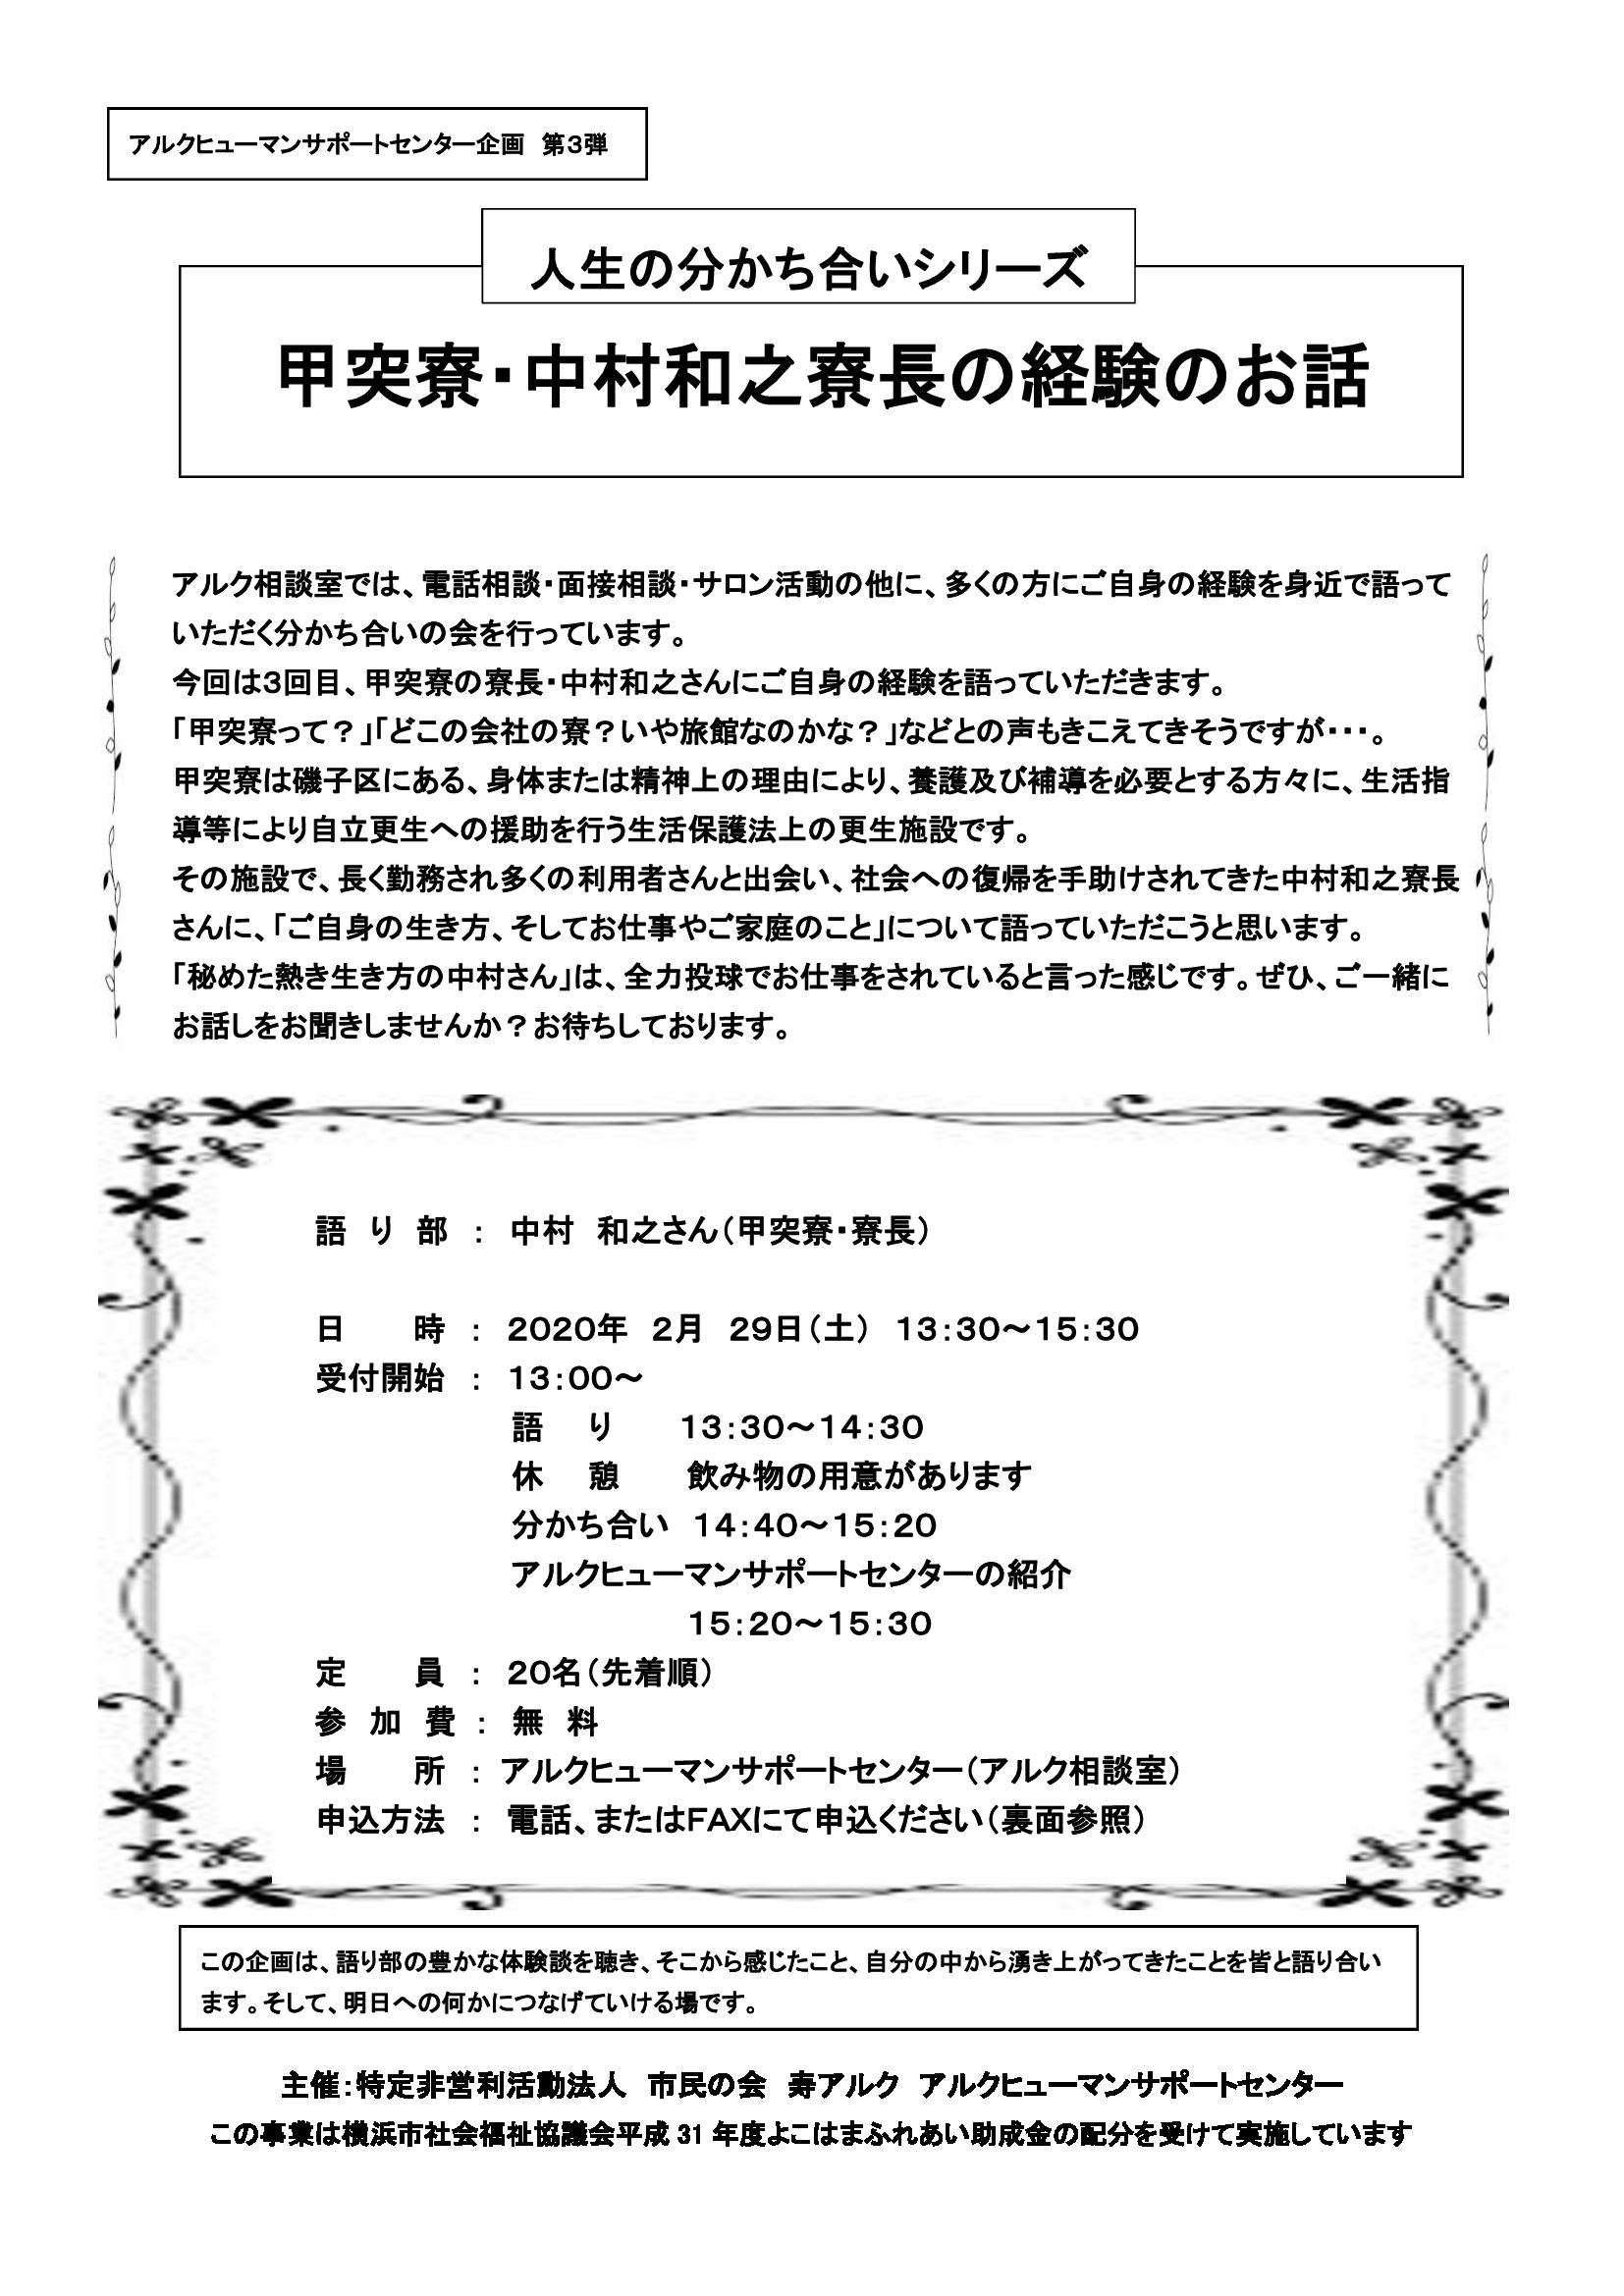 2020年2月29日 甲突寮・中村氏 チラシ (1)